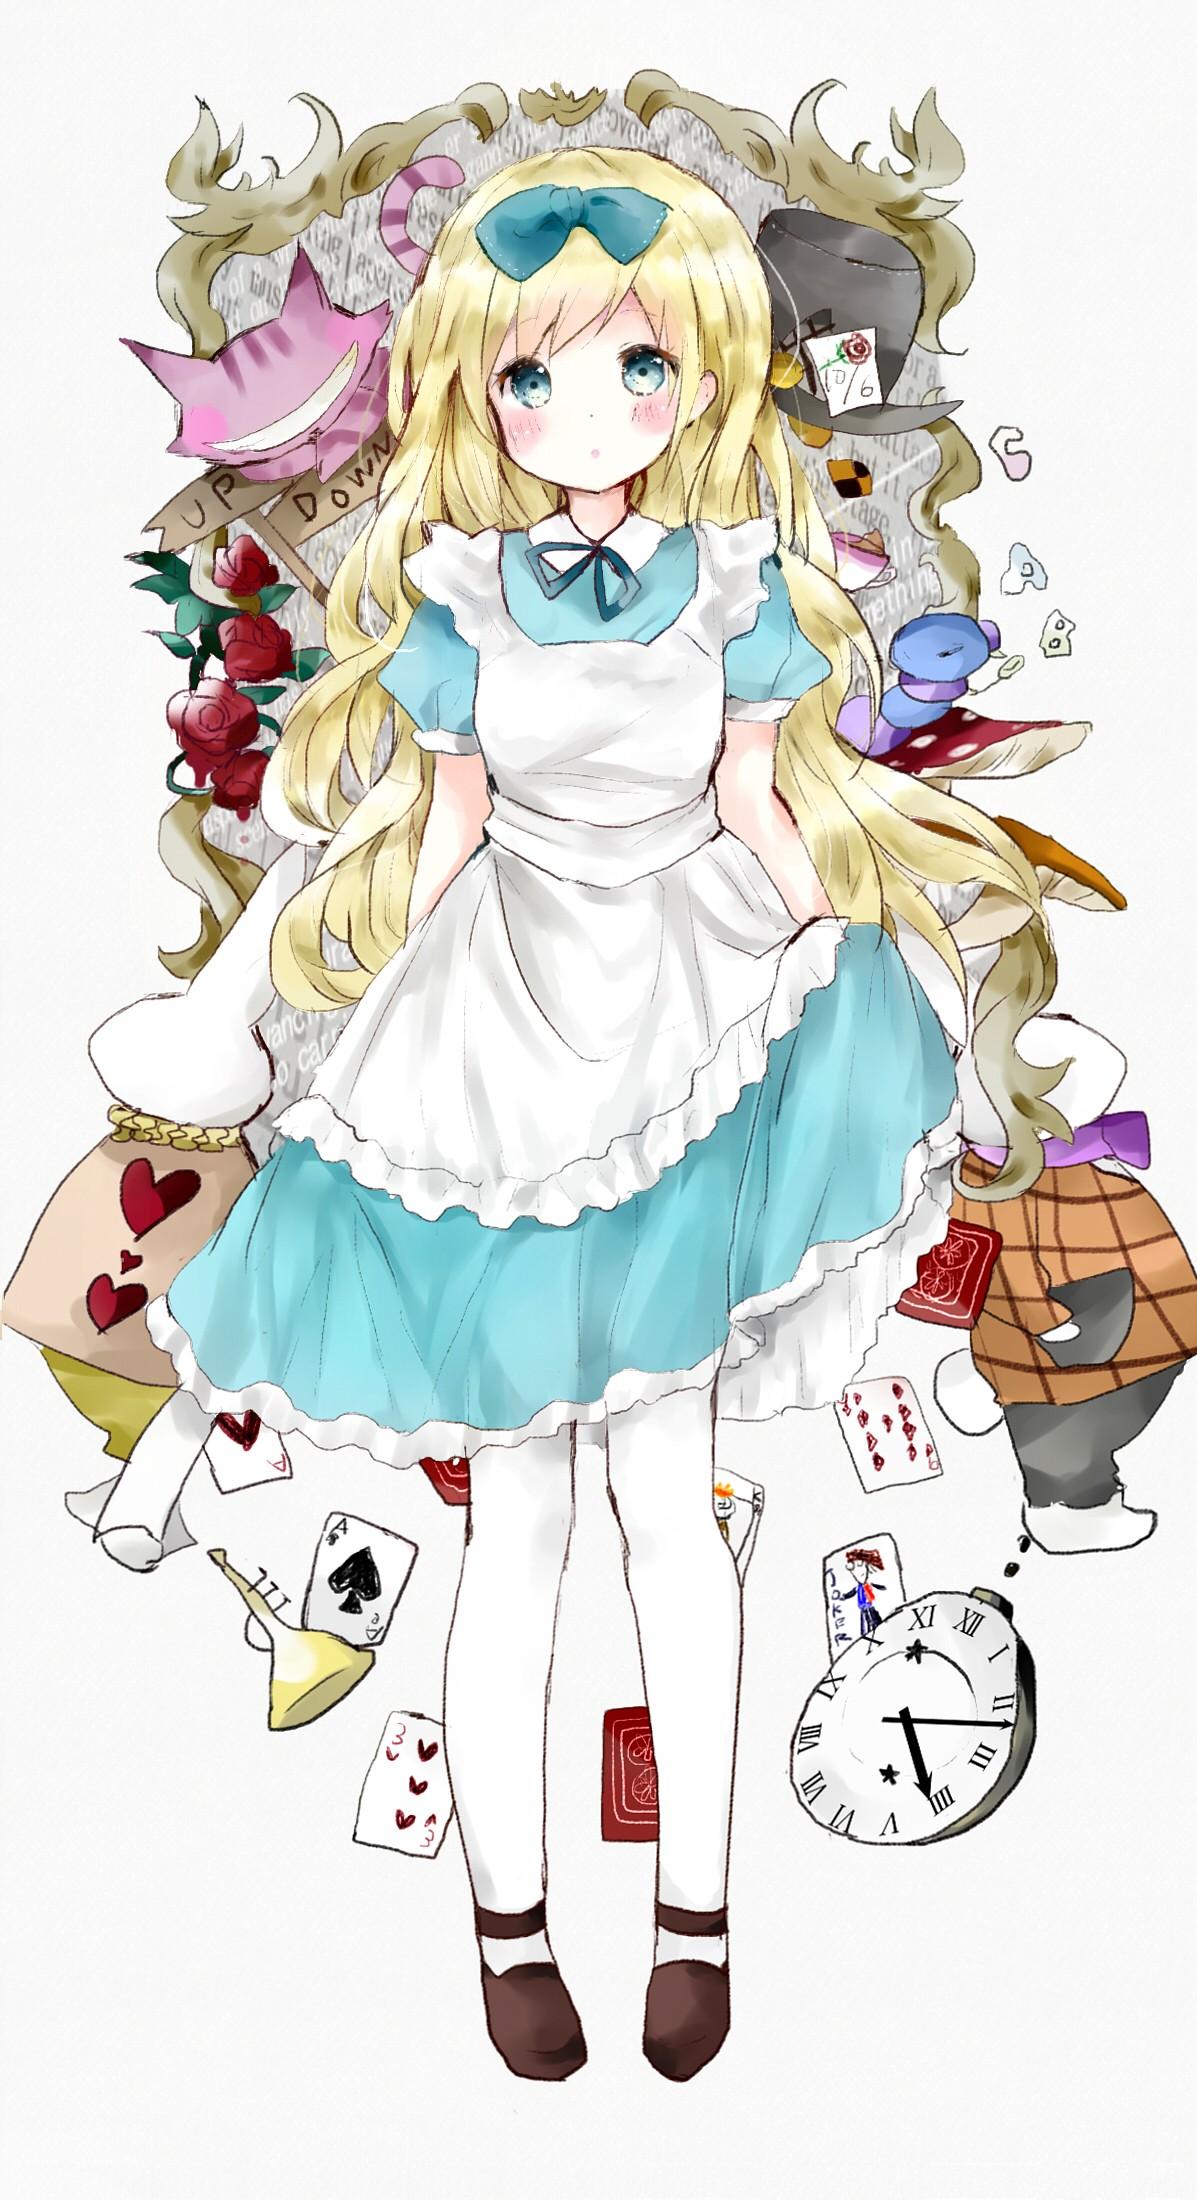 hình minh họa Anime hoạt hình Alice Alice ở xứ sở thần tiên Phác hoạ Mangaka